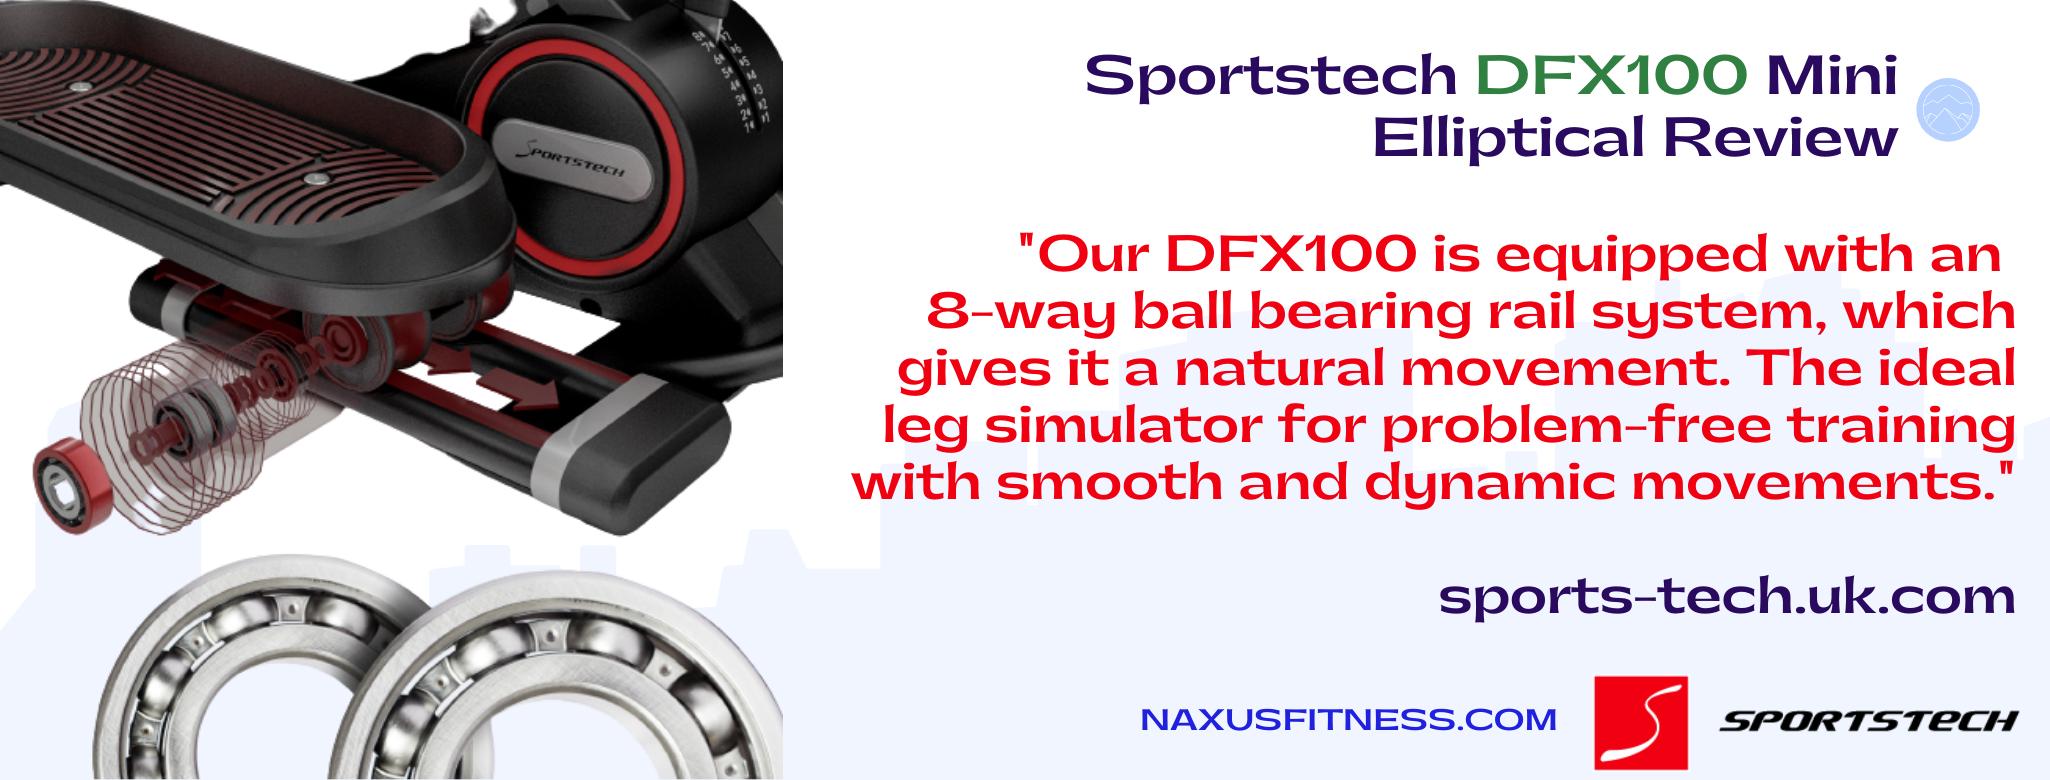 Sportstech DFX100 8 way ball bearing